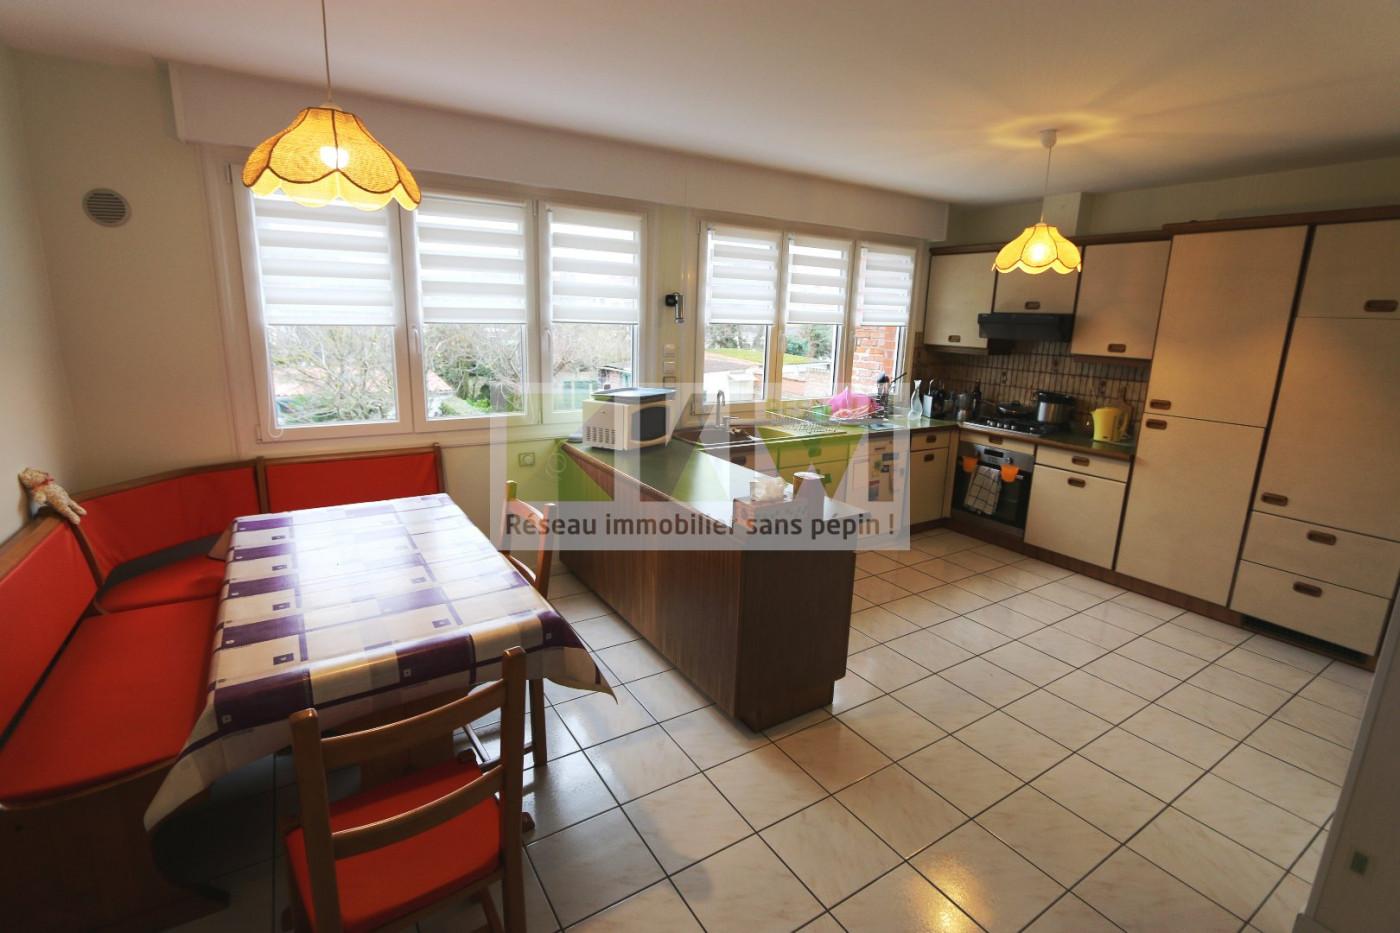 A vendre Coudekerque Branche 59013751 Kiwi immobilier